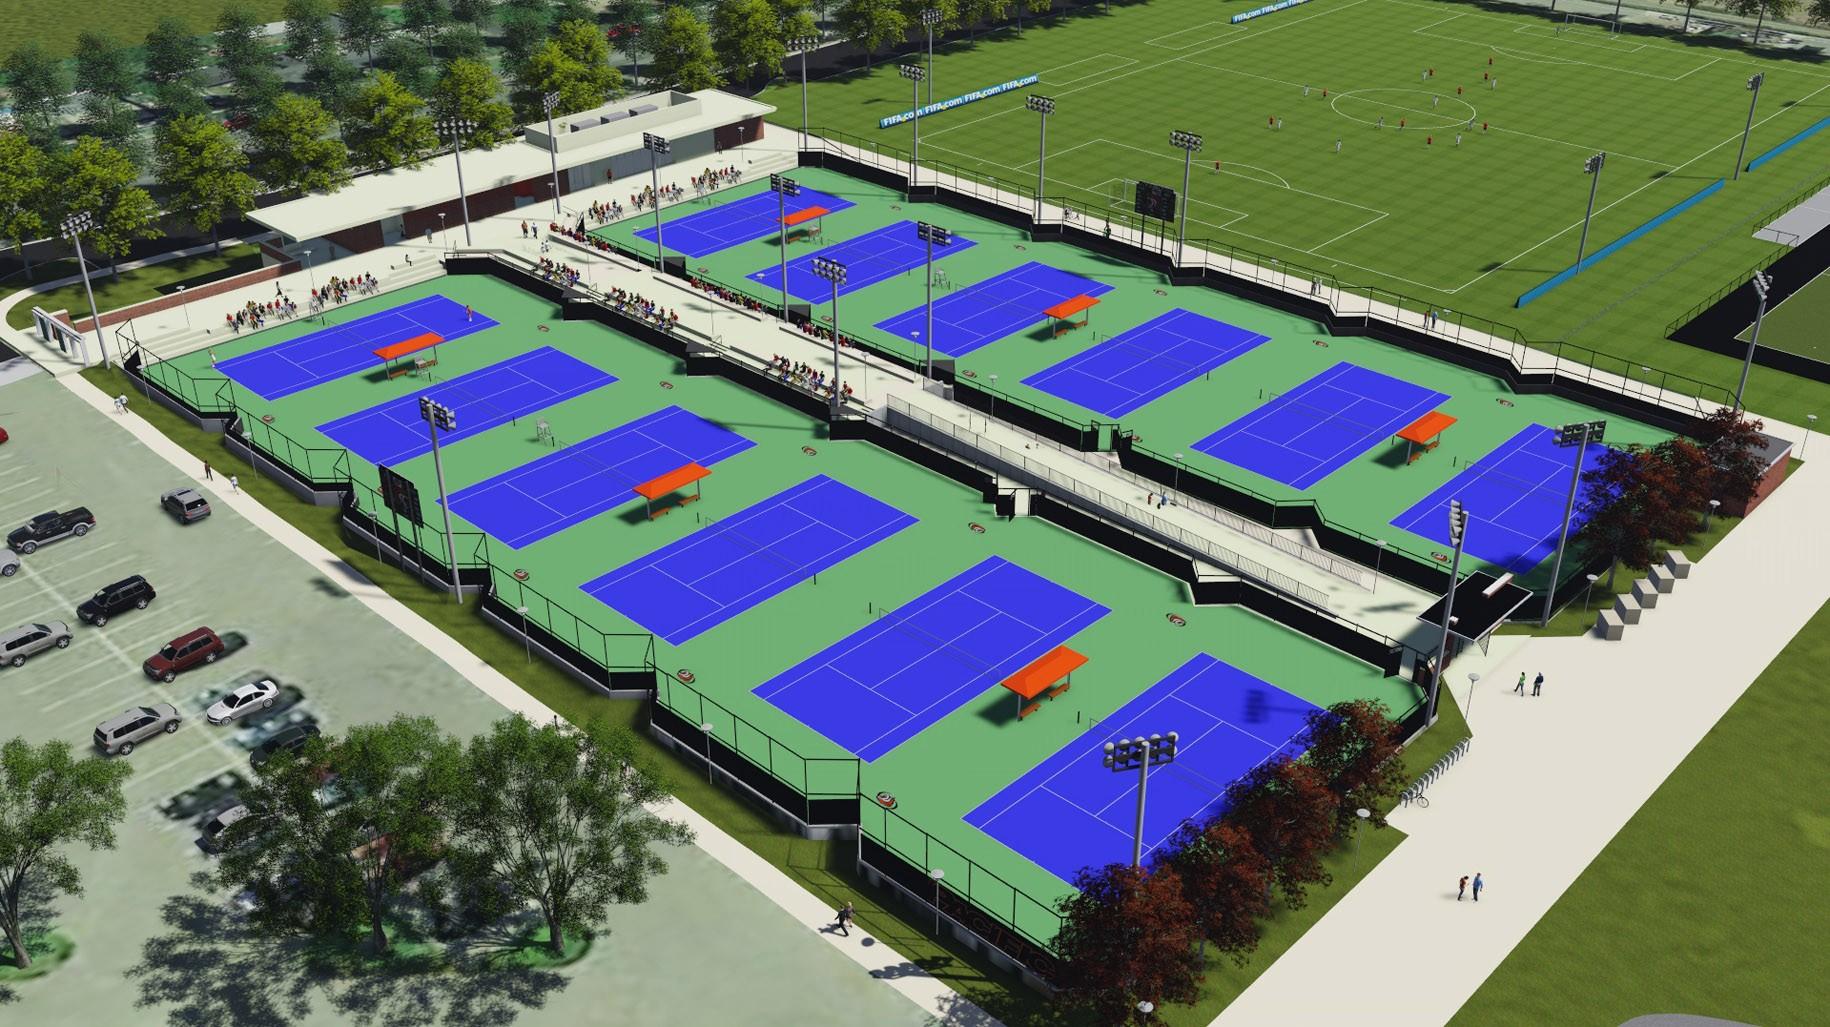 UOP Tennis - Slide 5